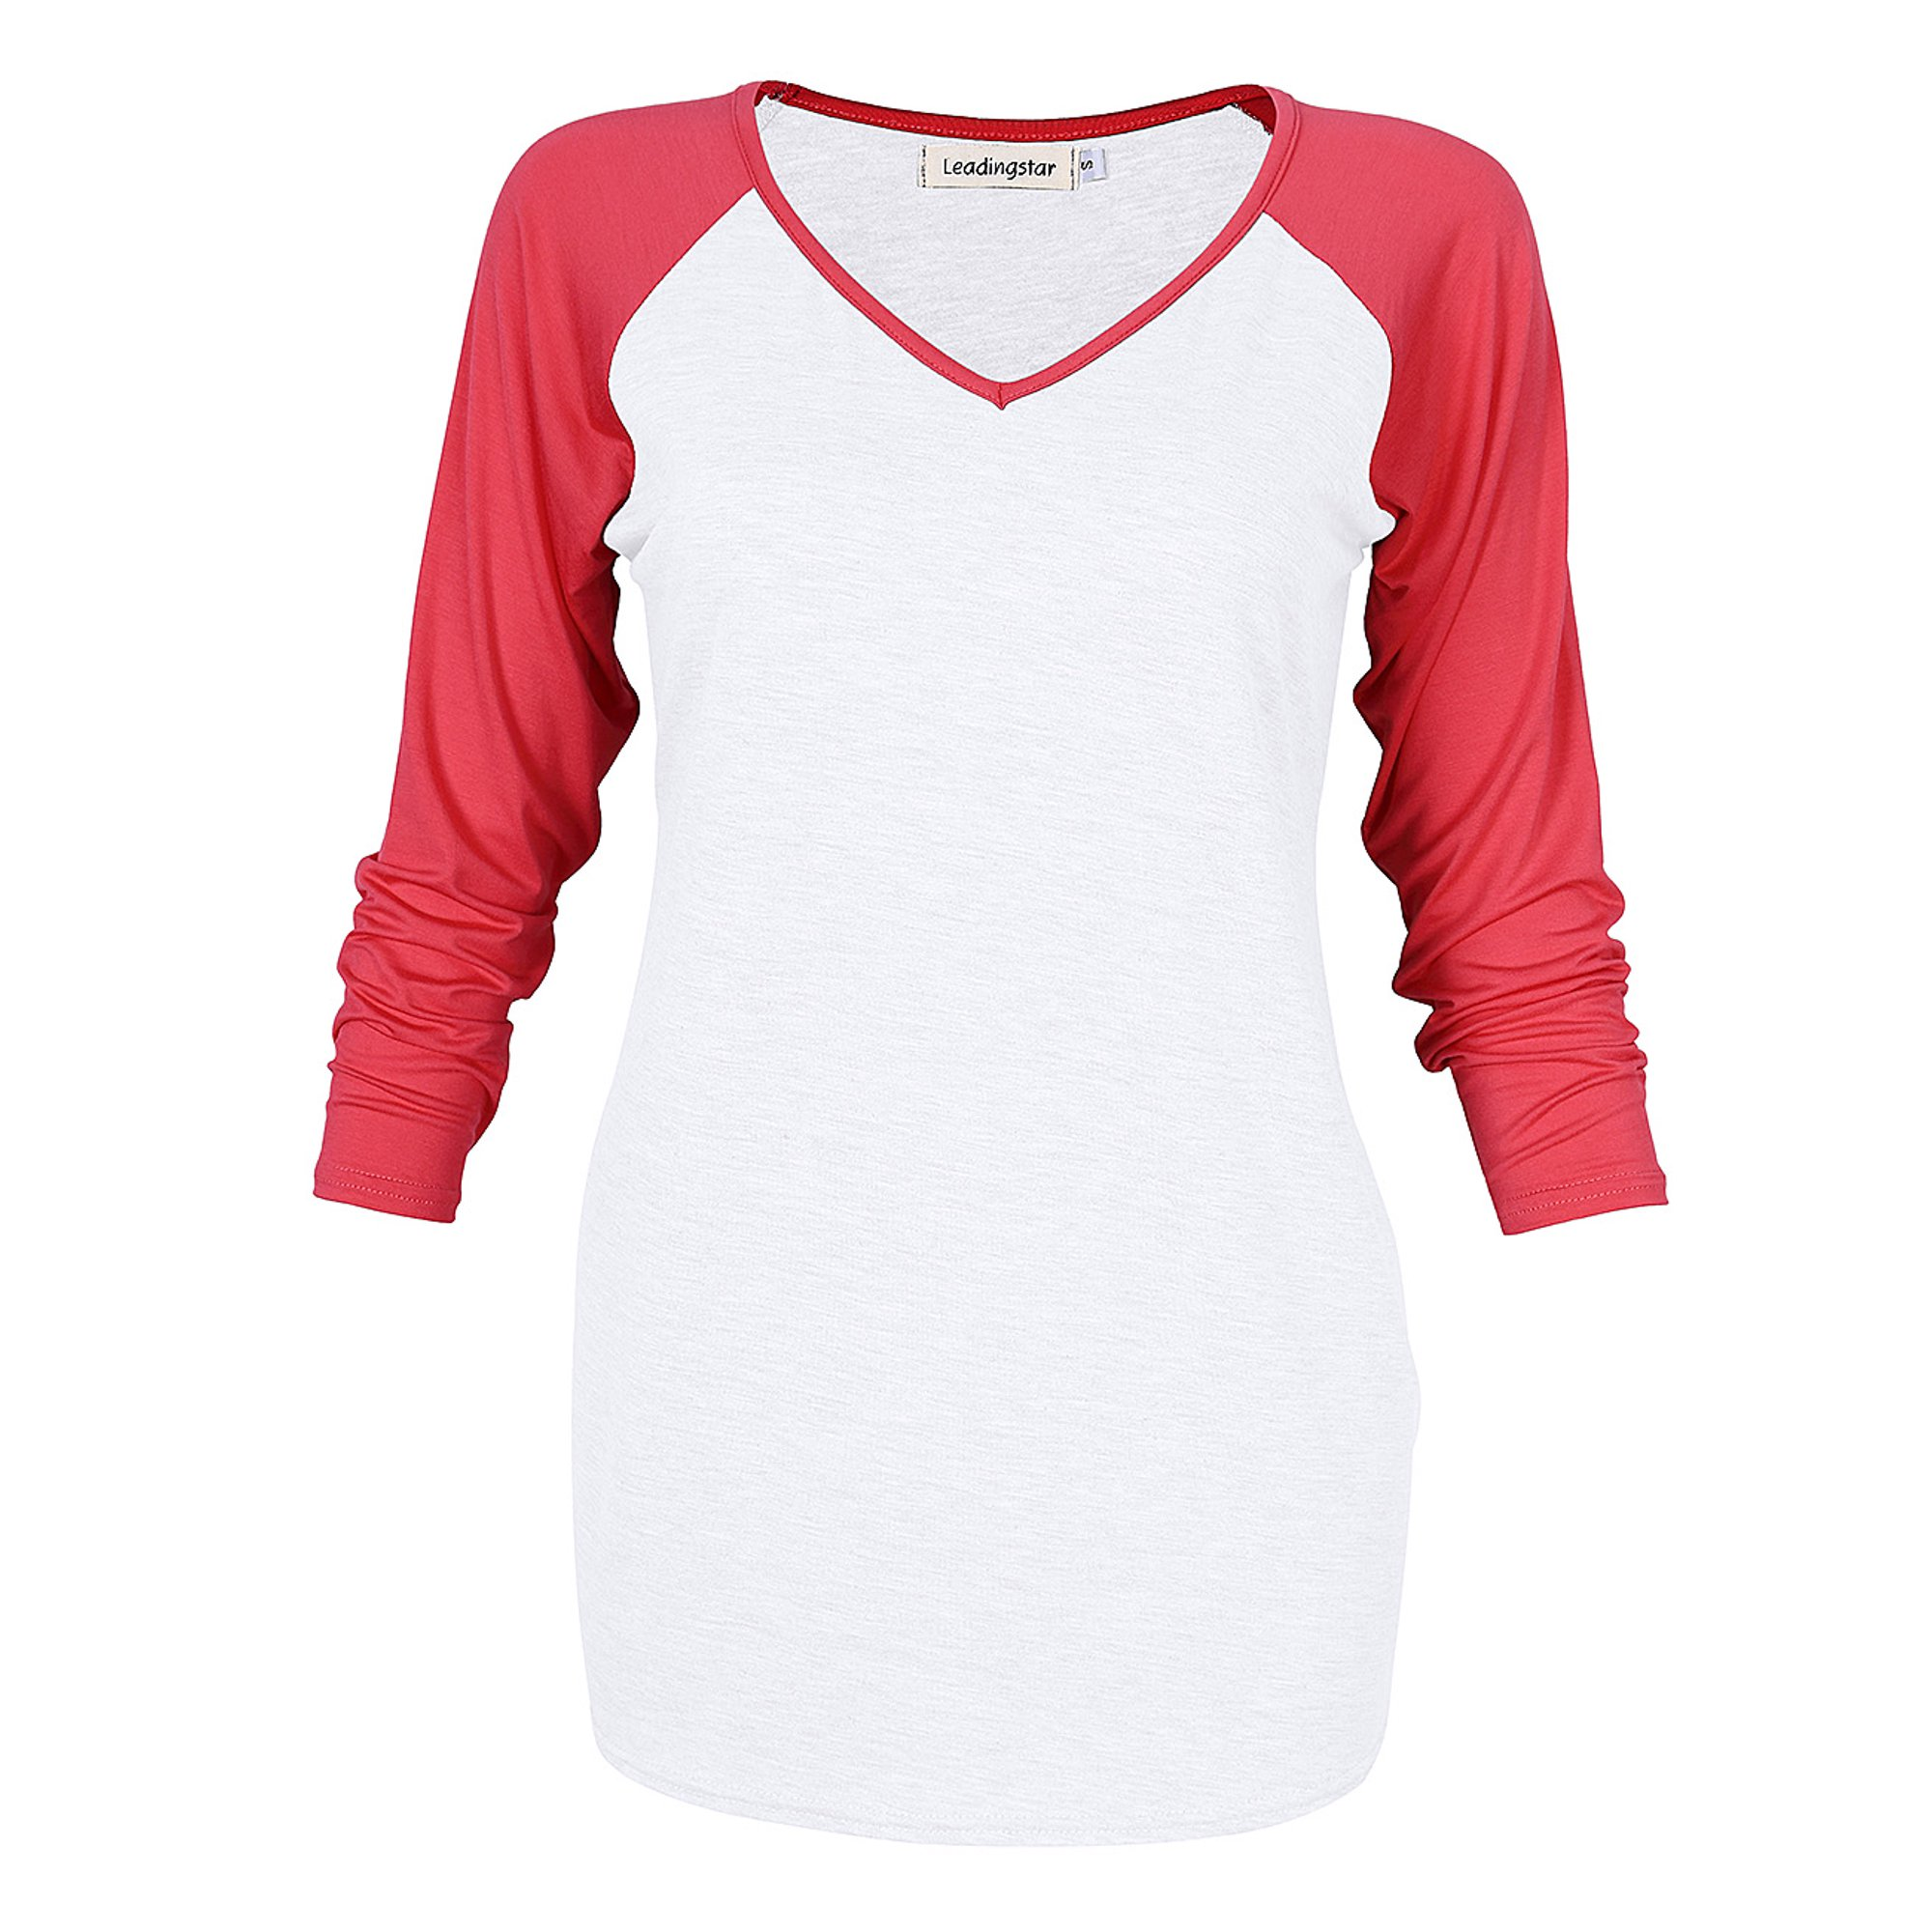 aa916daa Leadingstar Women's Casual Cotton V Collar Raglan T-Shirt Fashion 3/4  Sleeve Shirt Size S | Walmart Canada